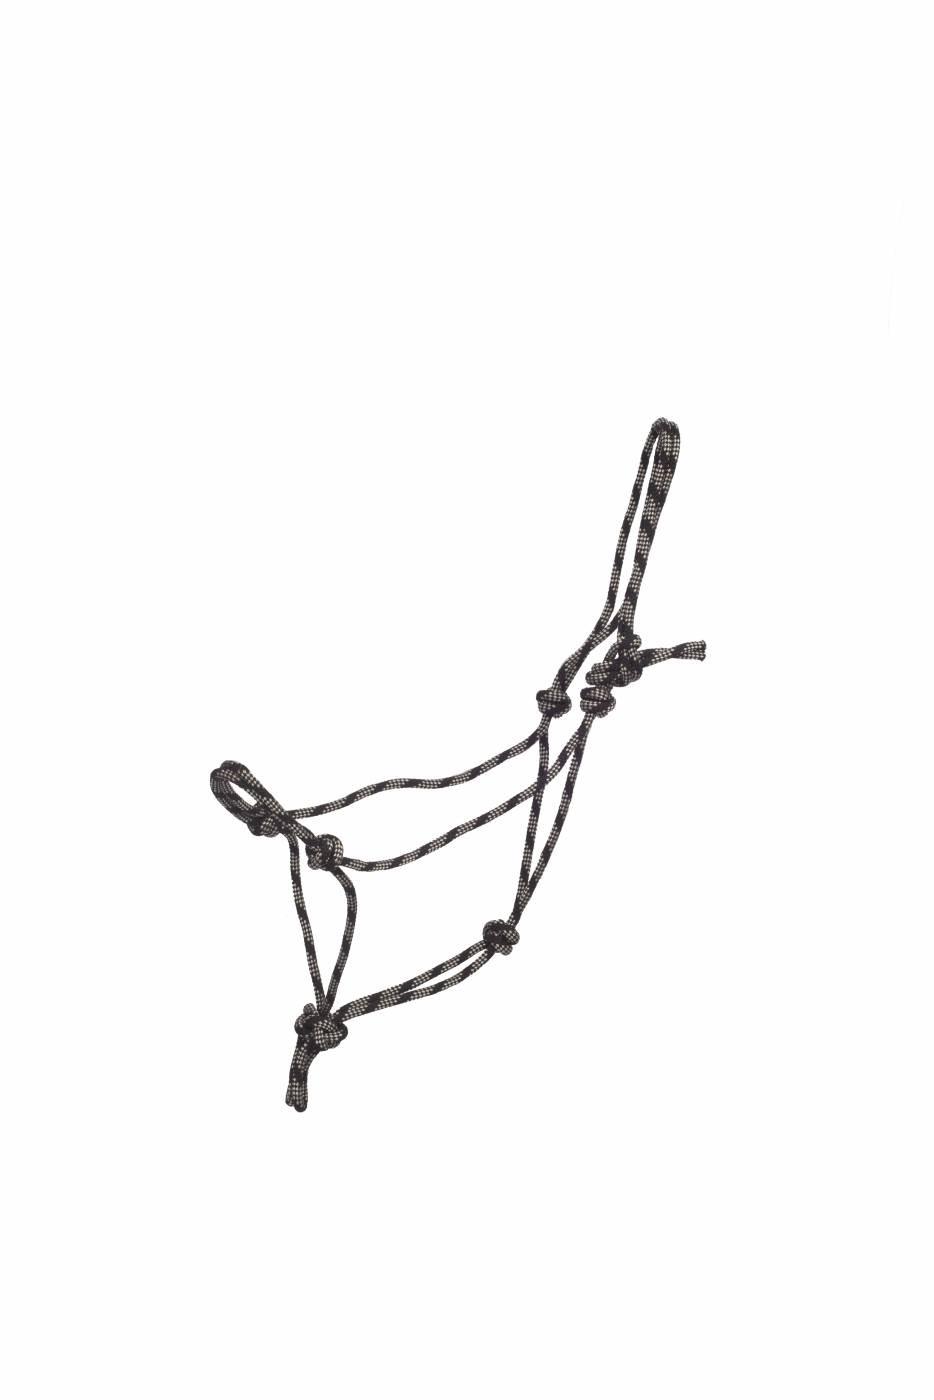 Cabresto Corda para Cavalo Nylon INS  - Salto & Sela